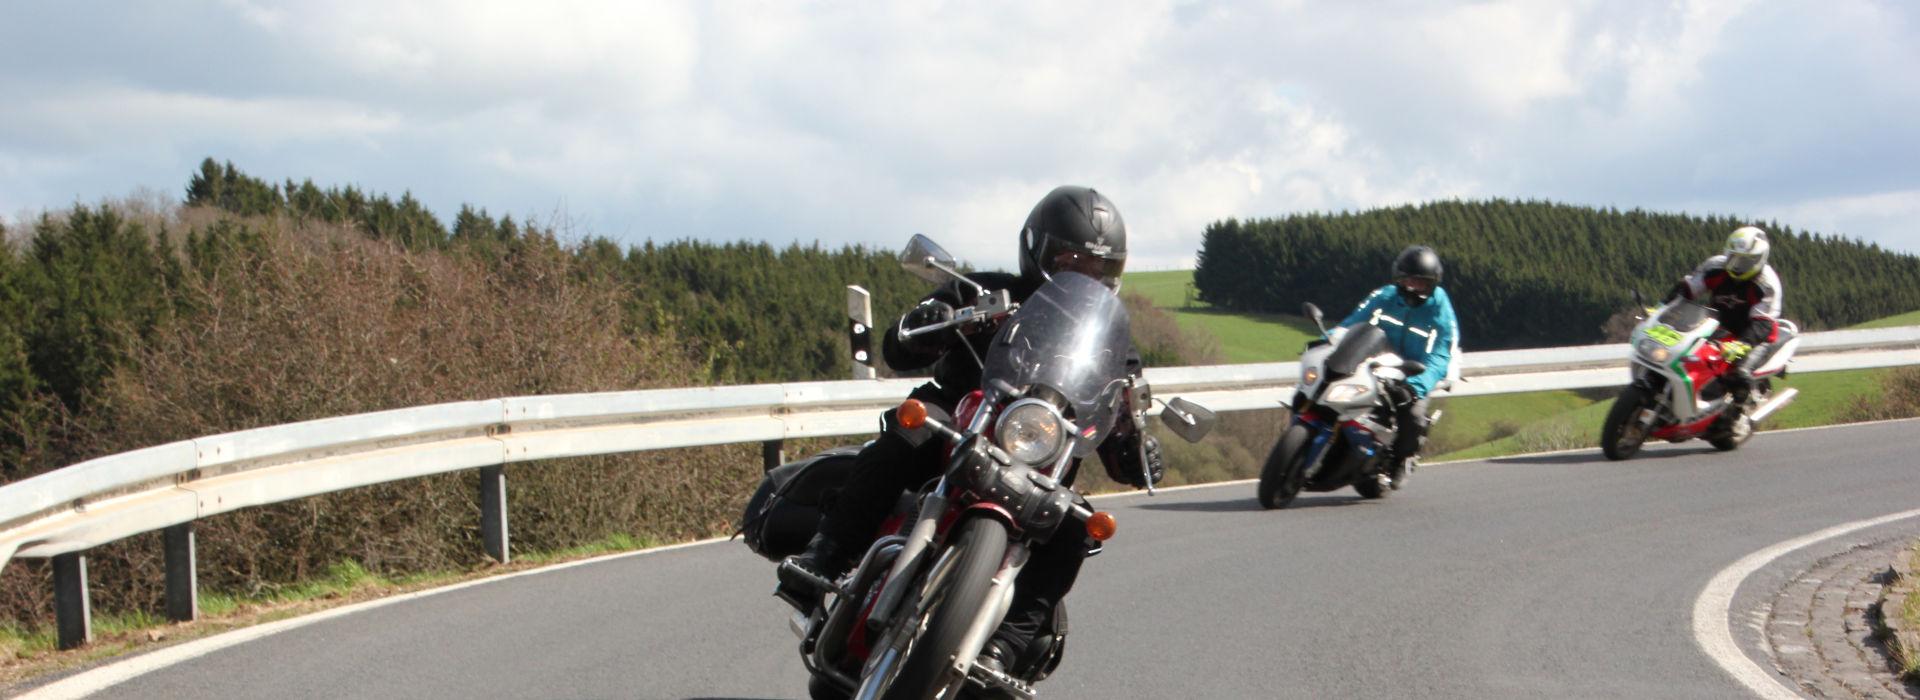 Motorrijschool Motorrijbewijspoint Sint Willebrord motorrijlessen